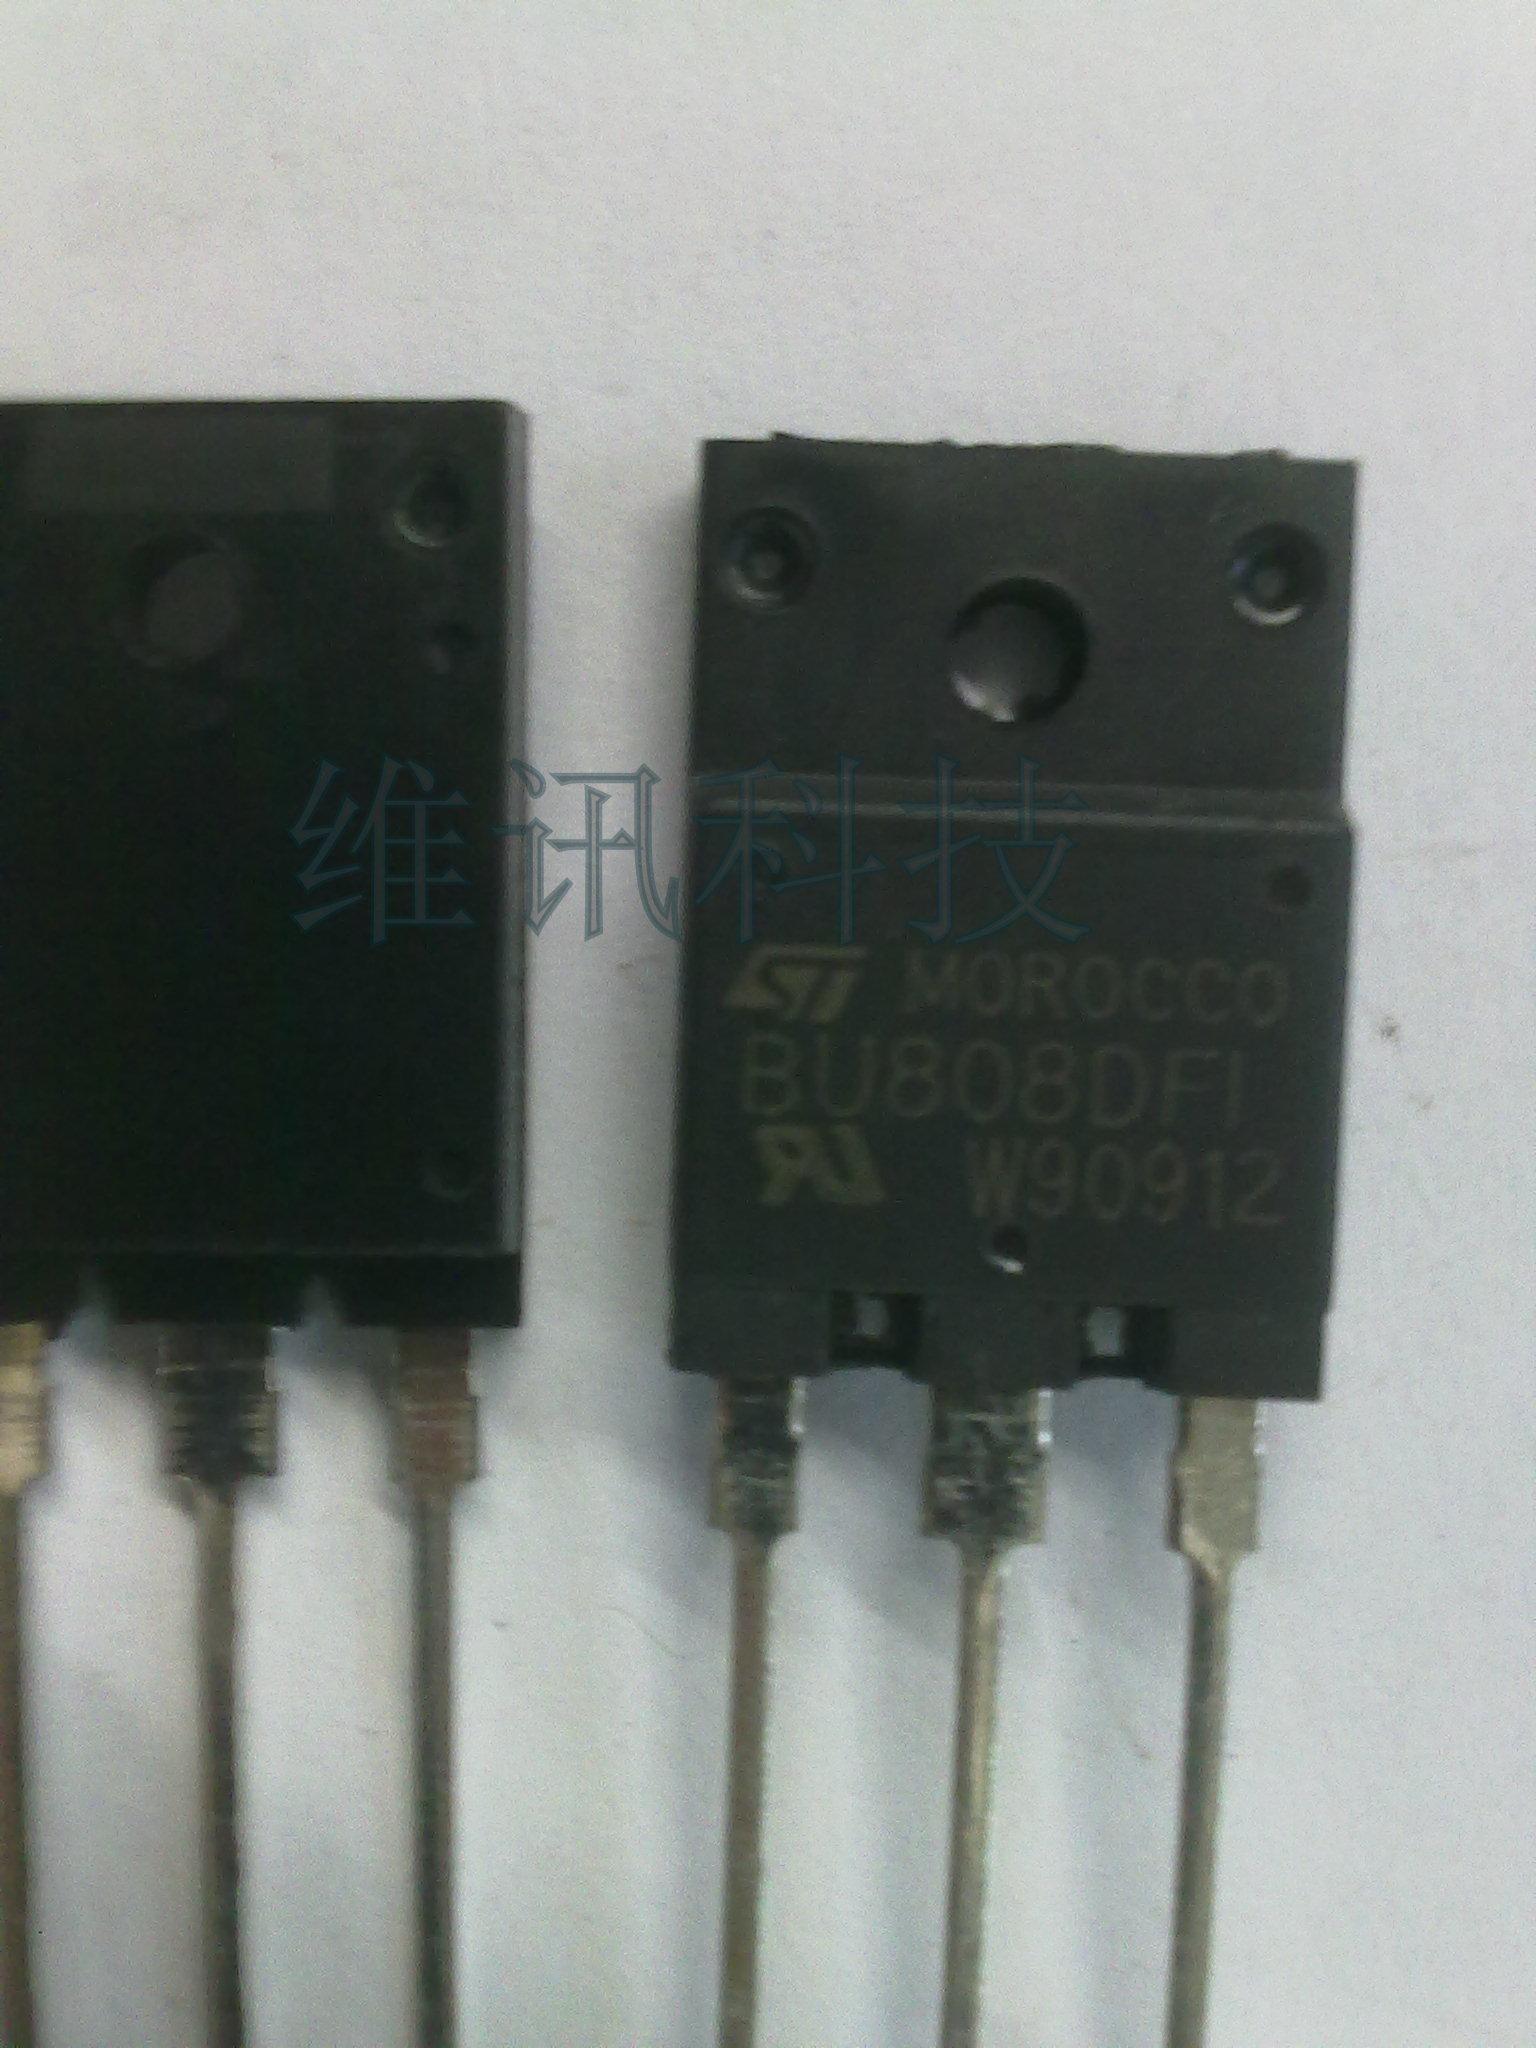 Телевидение, стерео конкретной линии воздуховодов BU808DFI/BU808DFX новый. Надежное качество.